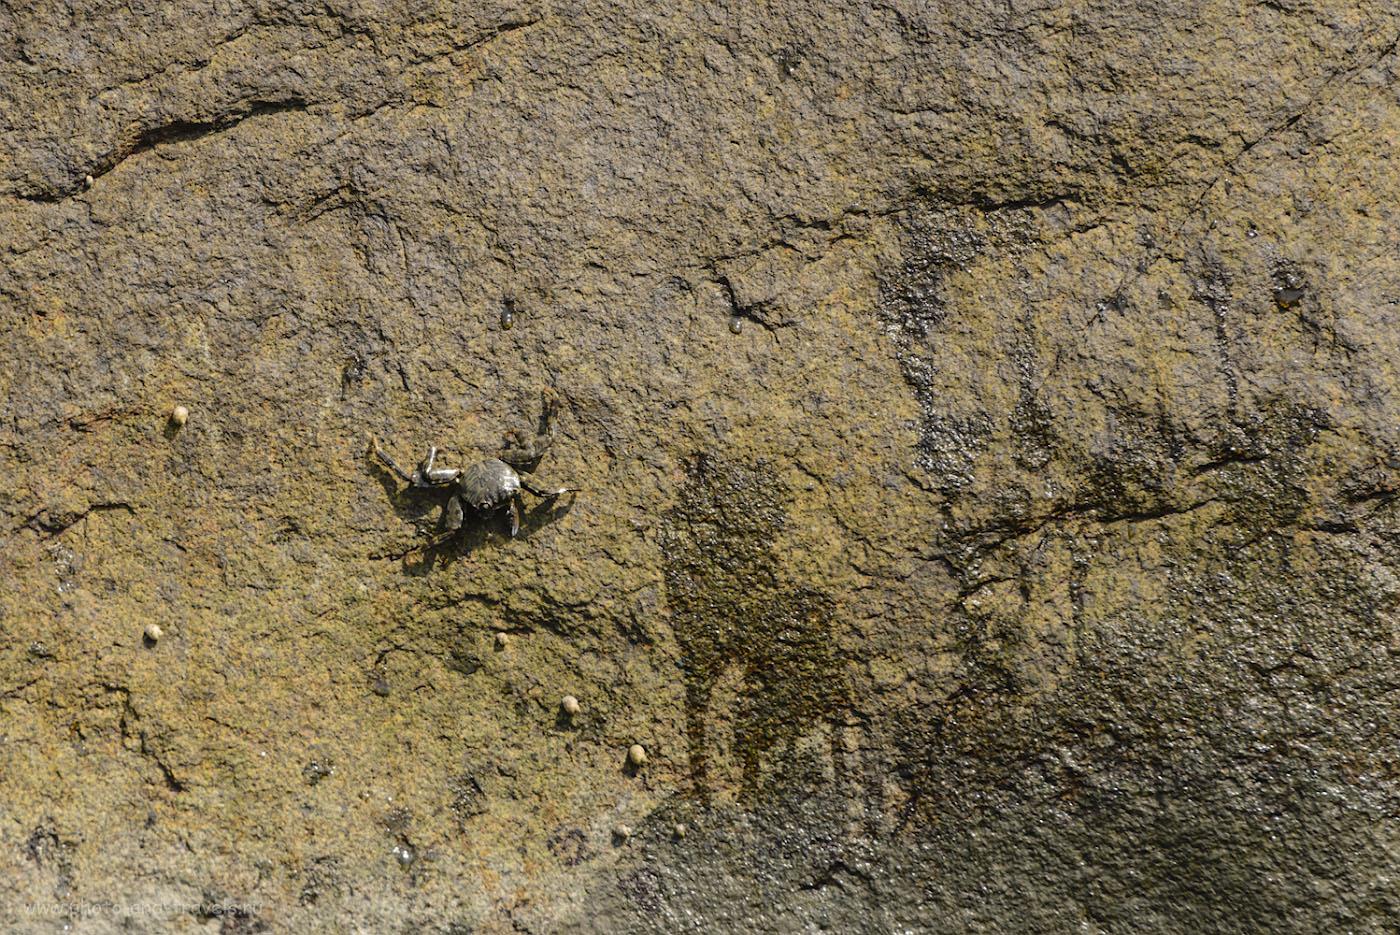 Фотография 15. Результат моей охоты в северной части пляж Палолем. 1/200, +0.33, 9.0, 100, 280.